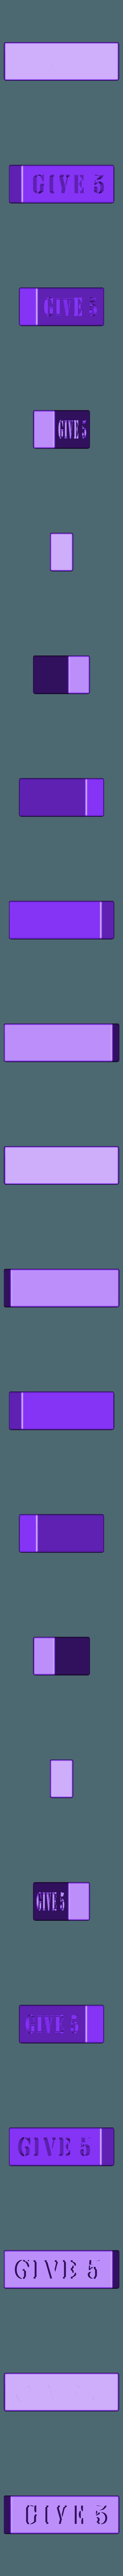 Jenga block - Give 5.stl Download STL file Jenga Rules • 3D print model, Made_In_Space